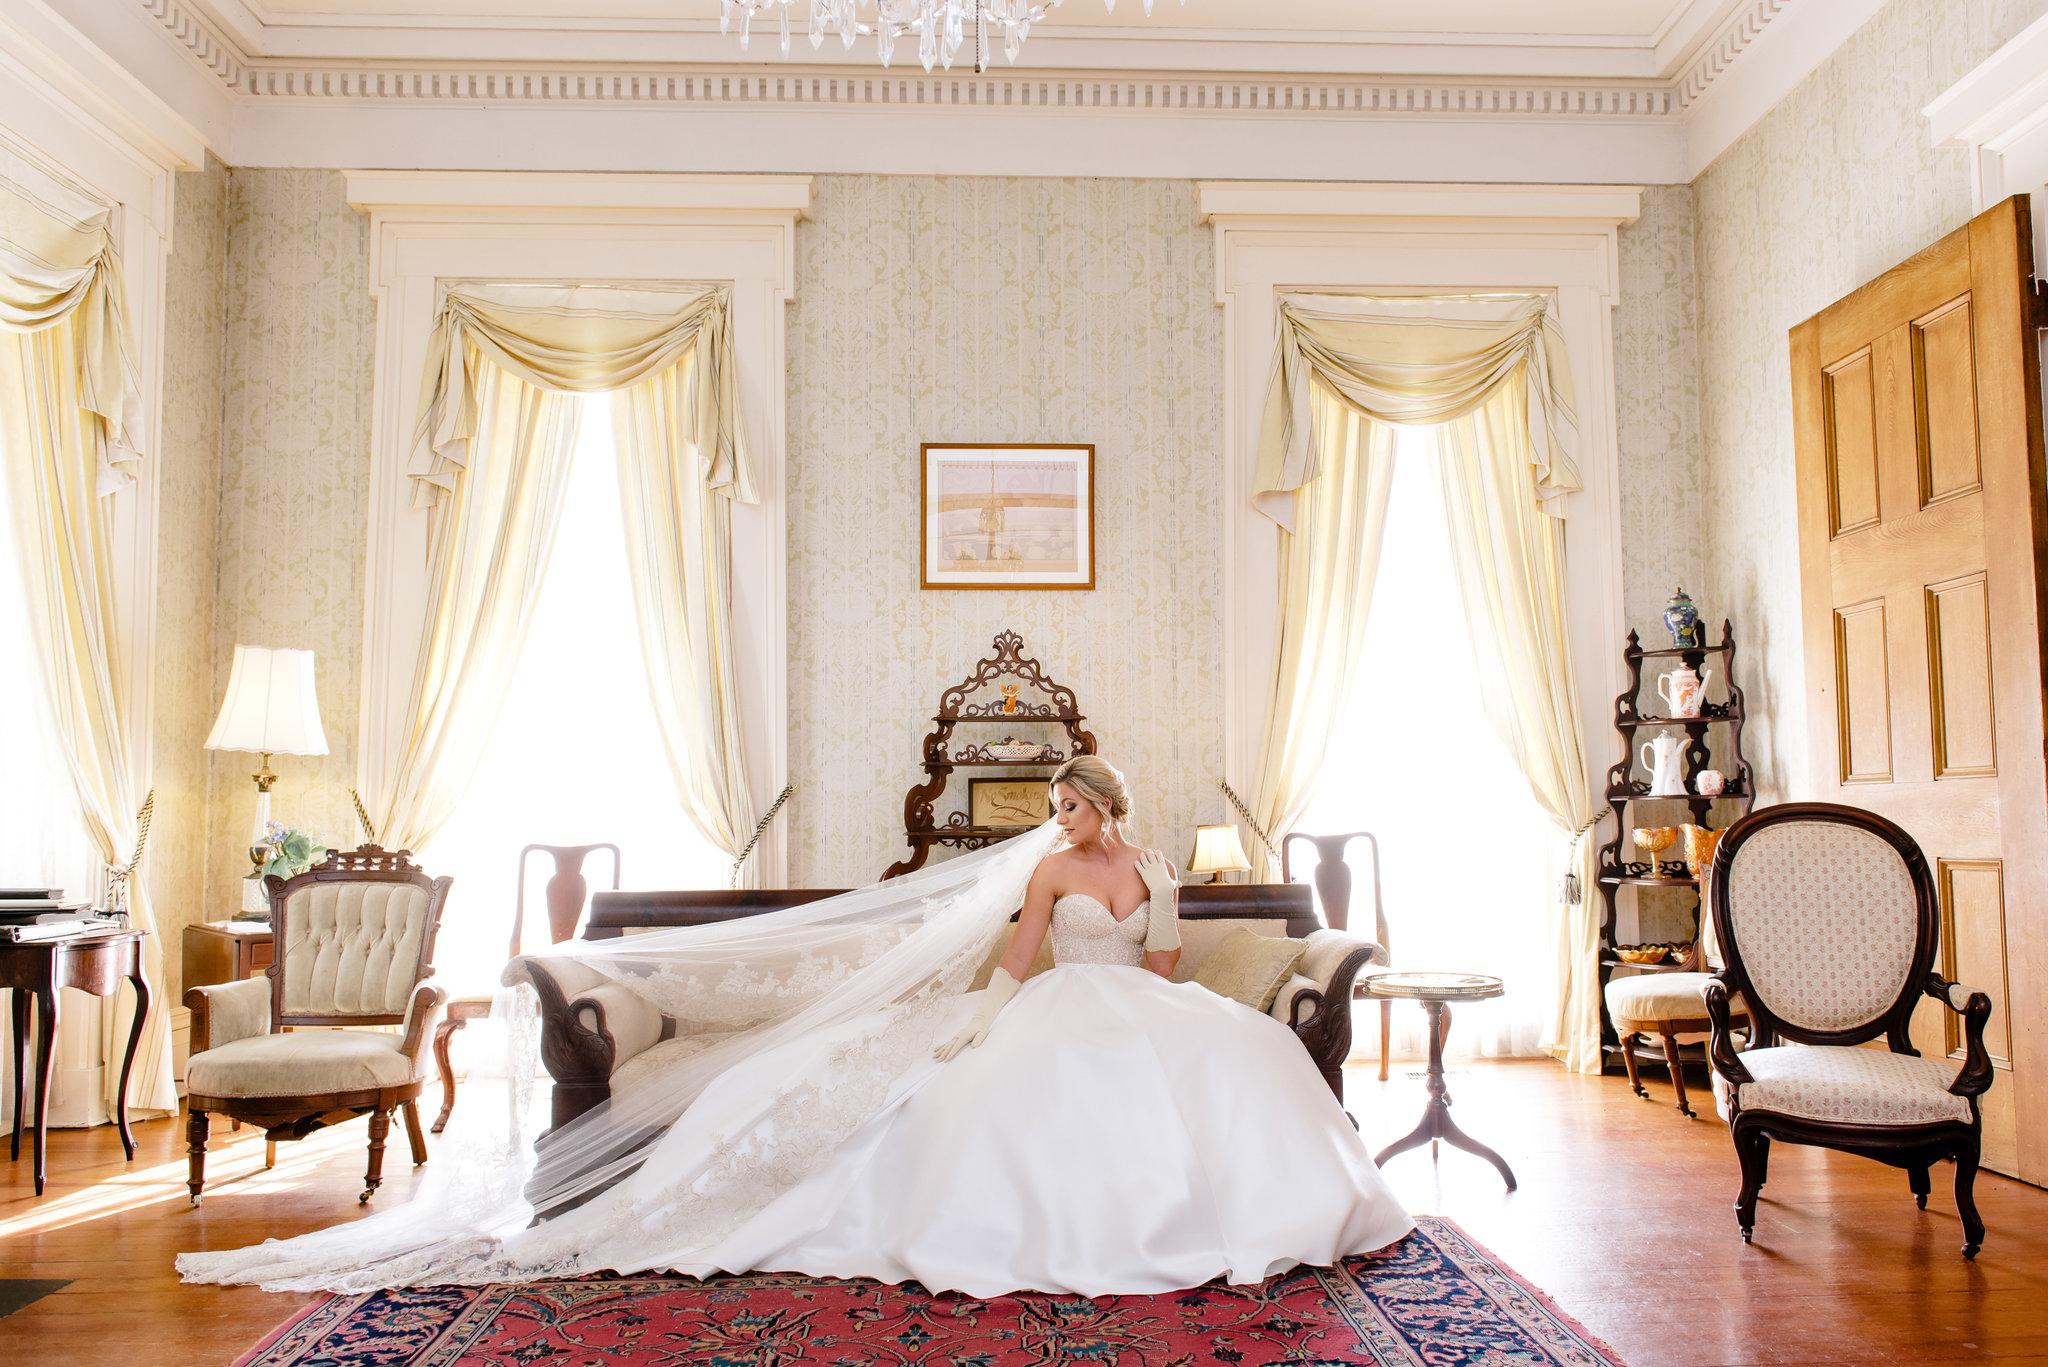 baton-rouge-bridal-wedding-photographer